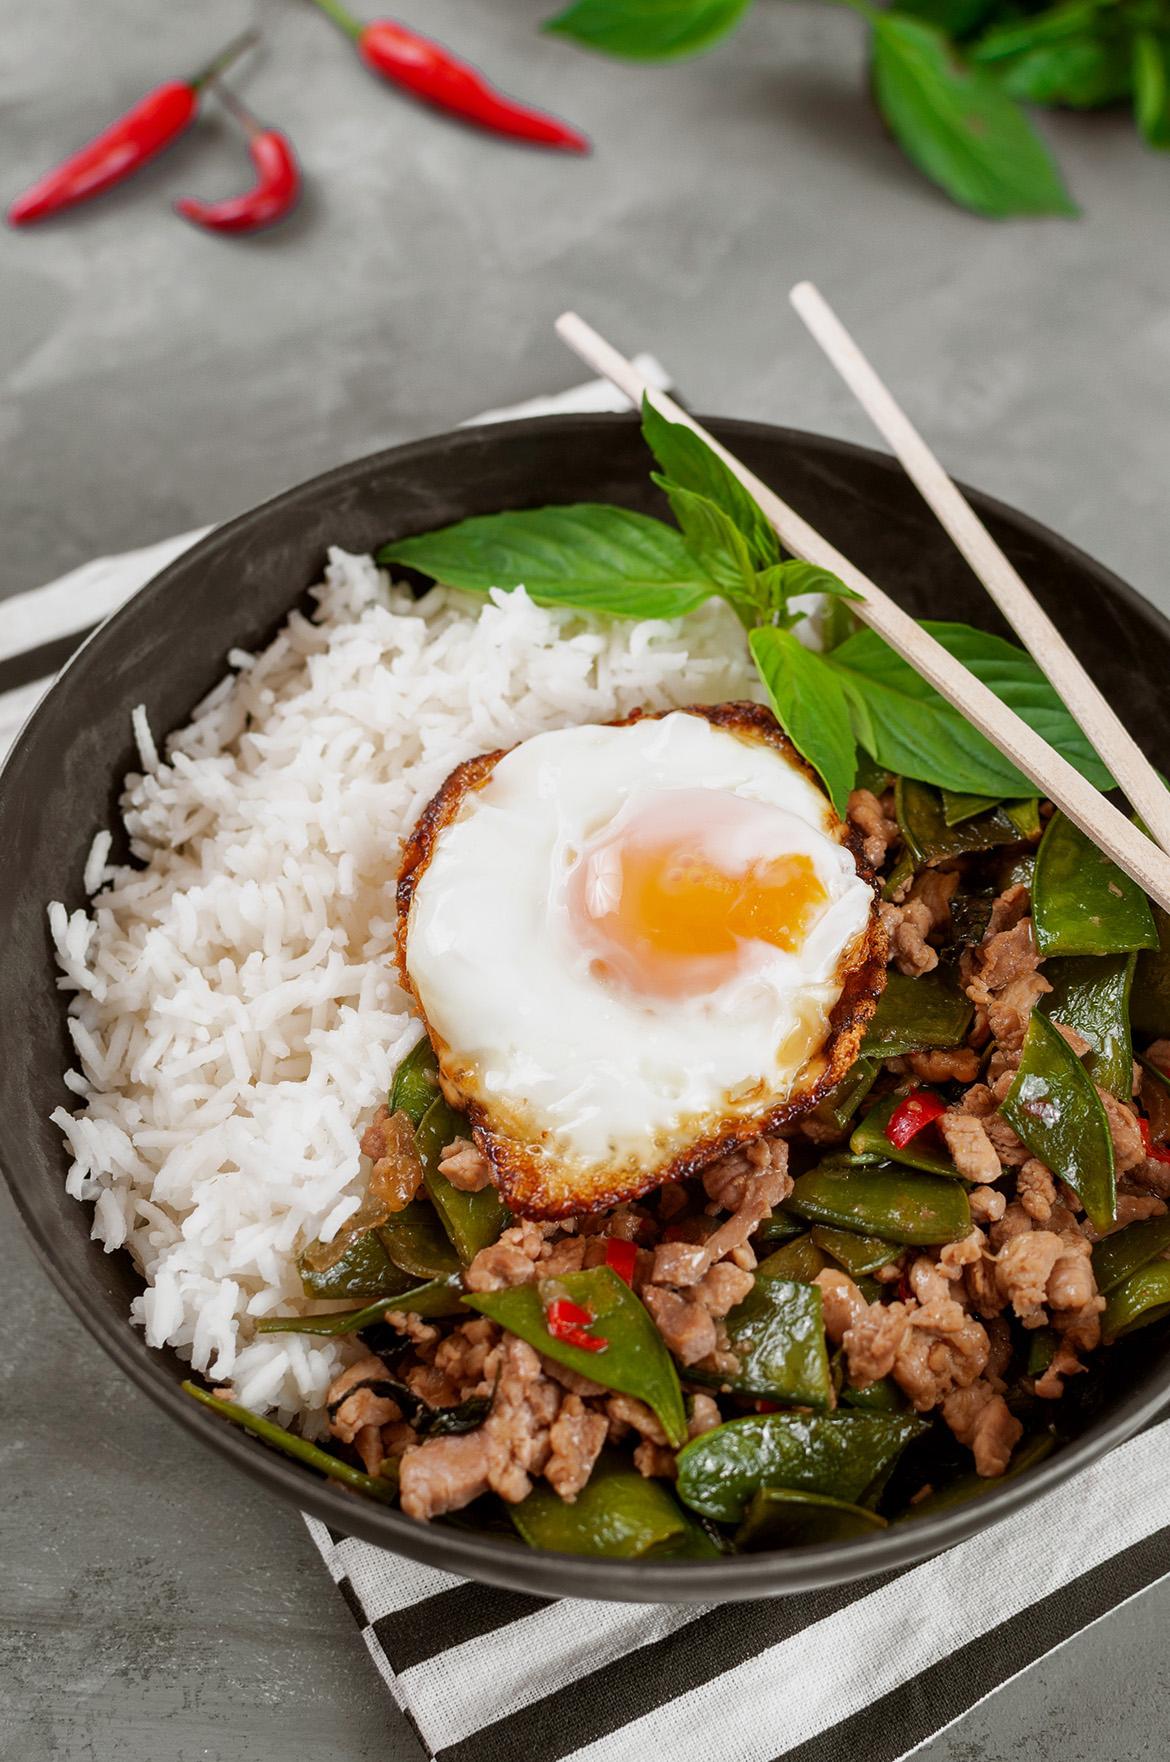 Moo Pad Kra Pao - Scharfes Schweinefleisch mit Thai-Basilikum und Zuckerschoten